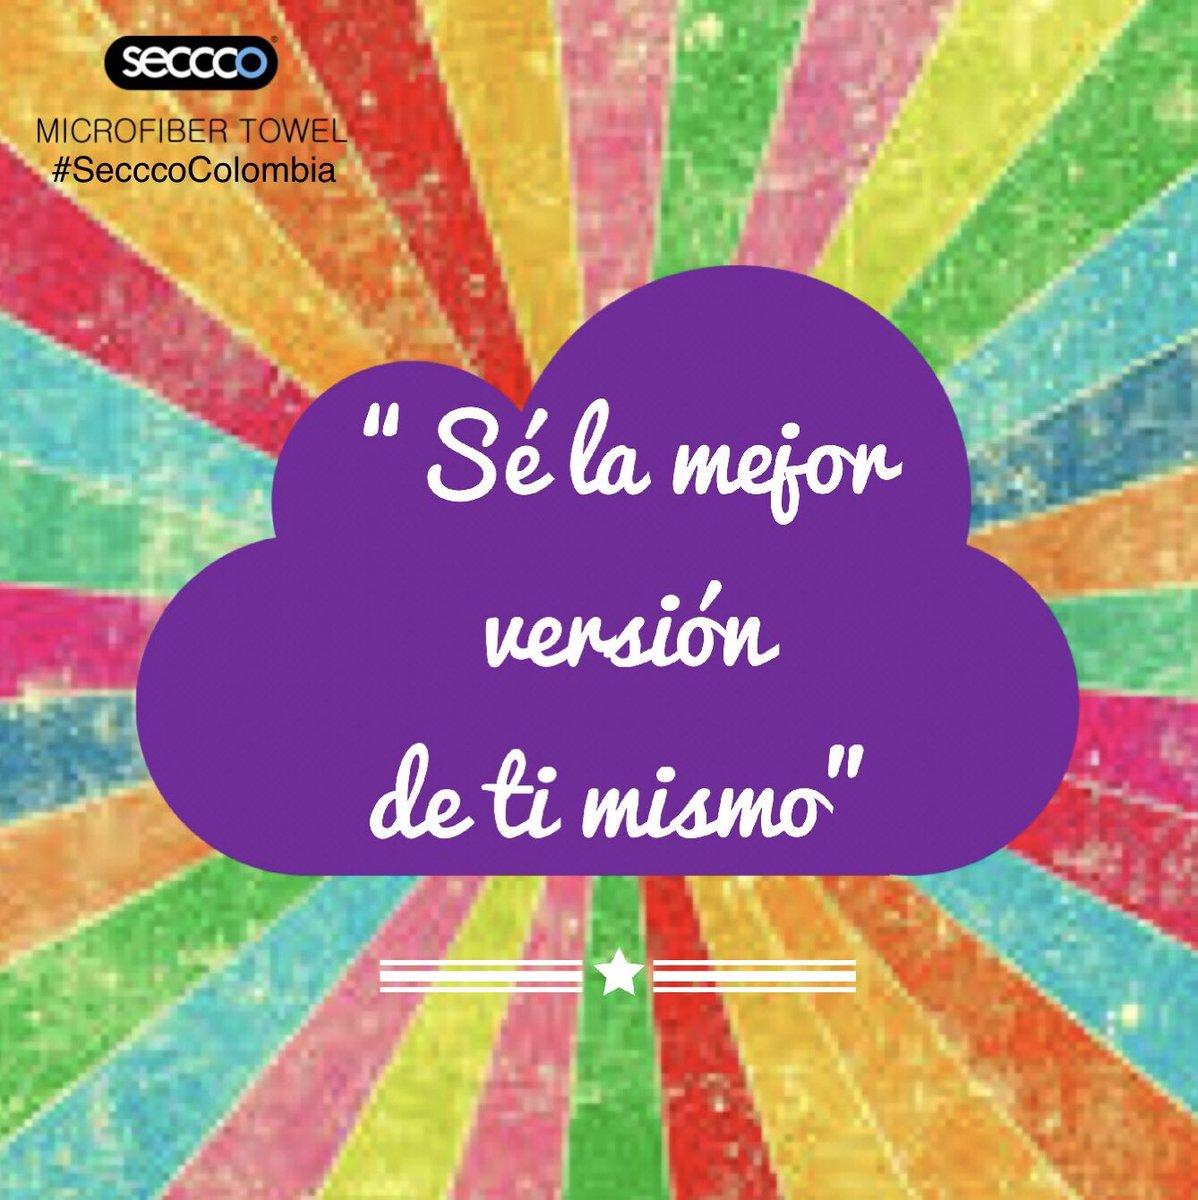 ¡Tomar un nuevo aliento para continuar! #SecccoColombia te acompaña #FelizMiércoles https://t.co/LpHm5NavoE